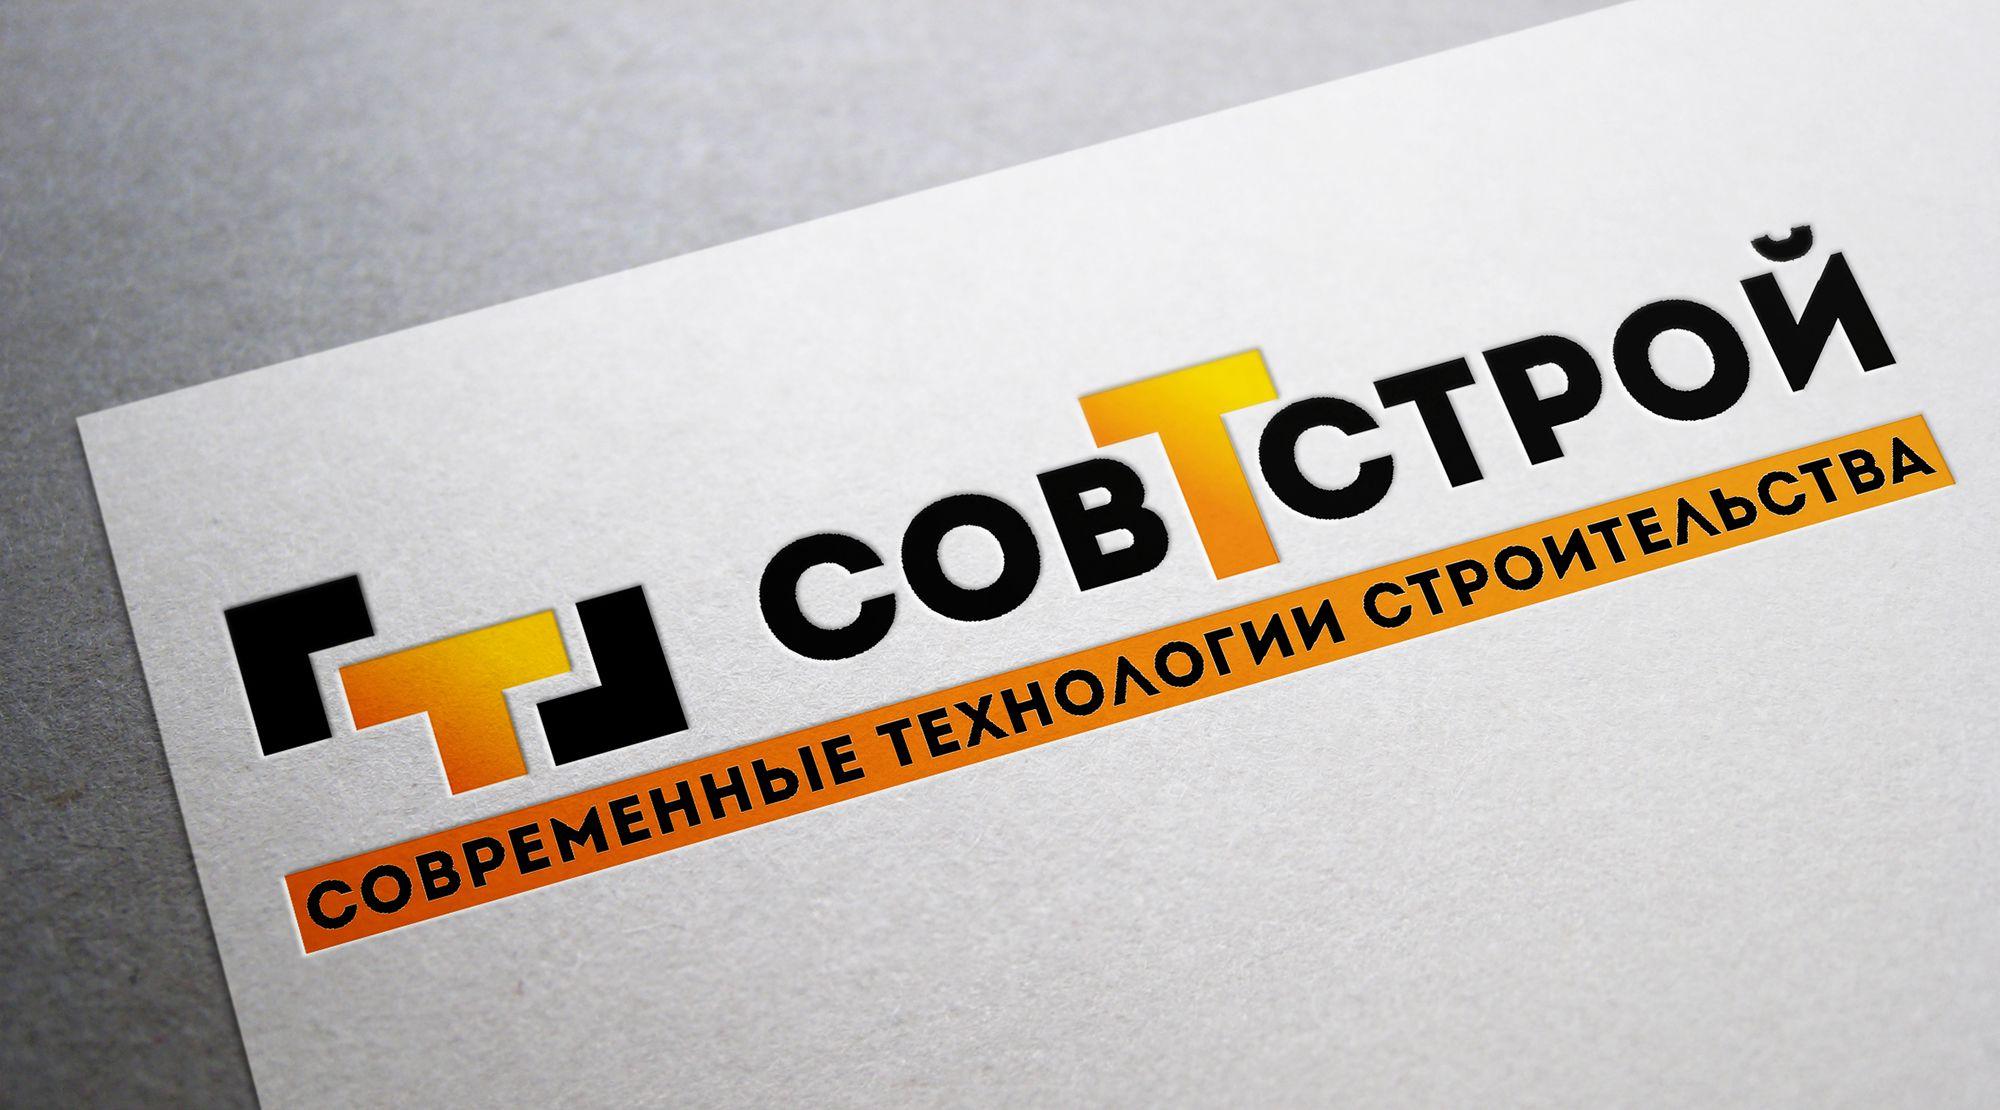 Логотип для поставщика строительных материалов - дизайнер IgorTsar